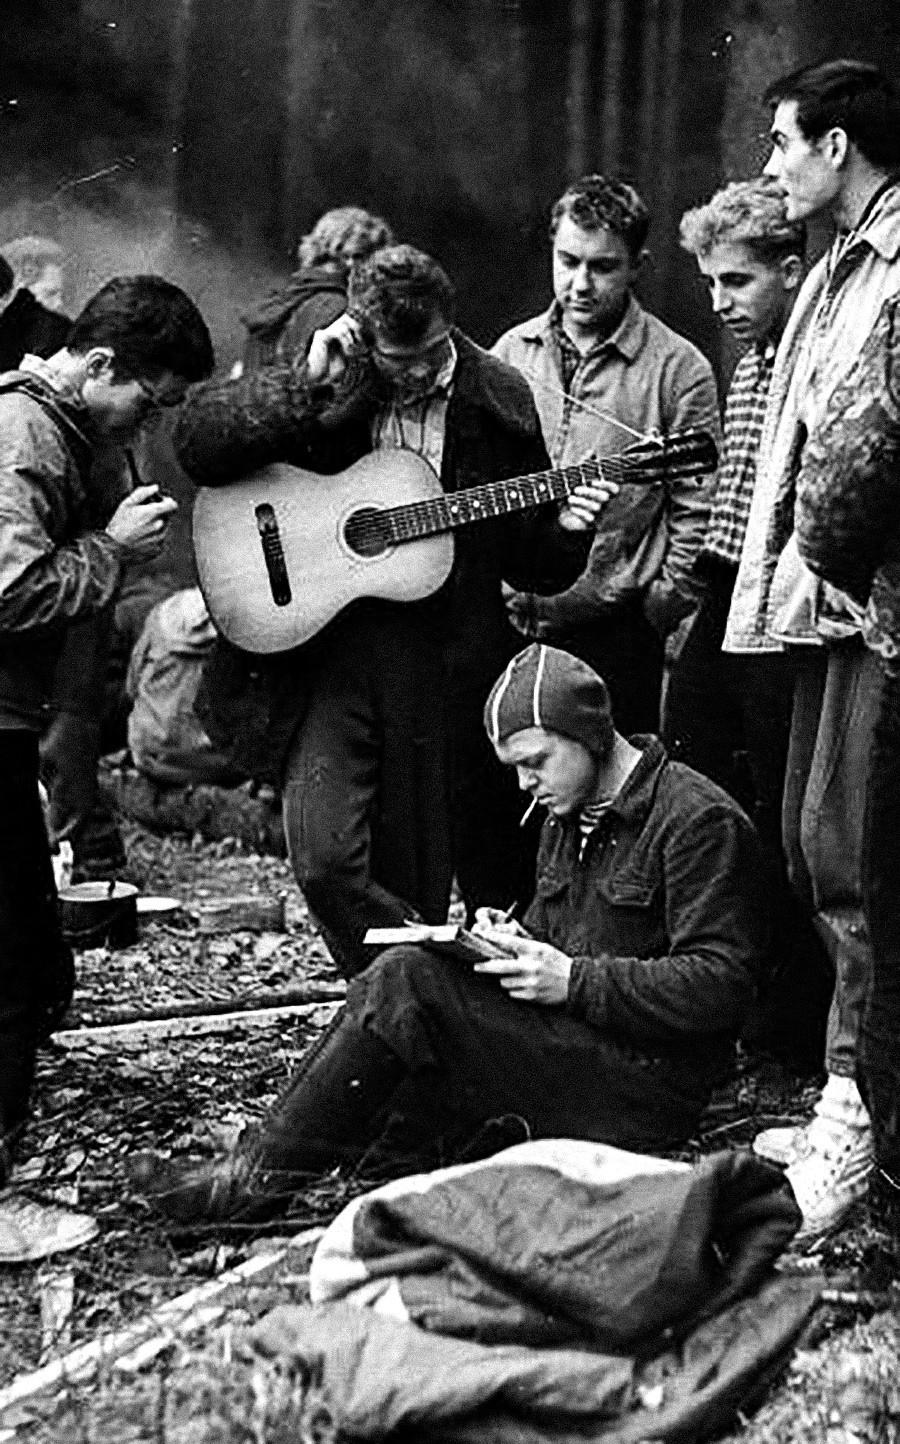 焚き火のそばのピクニック、1960年代